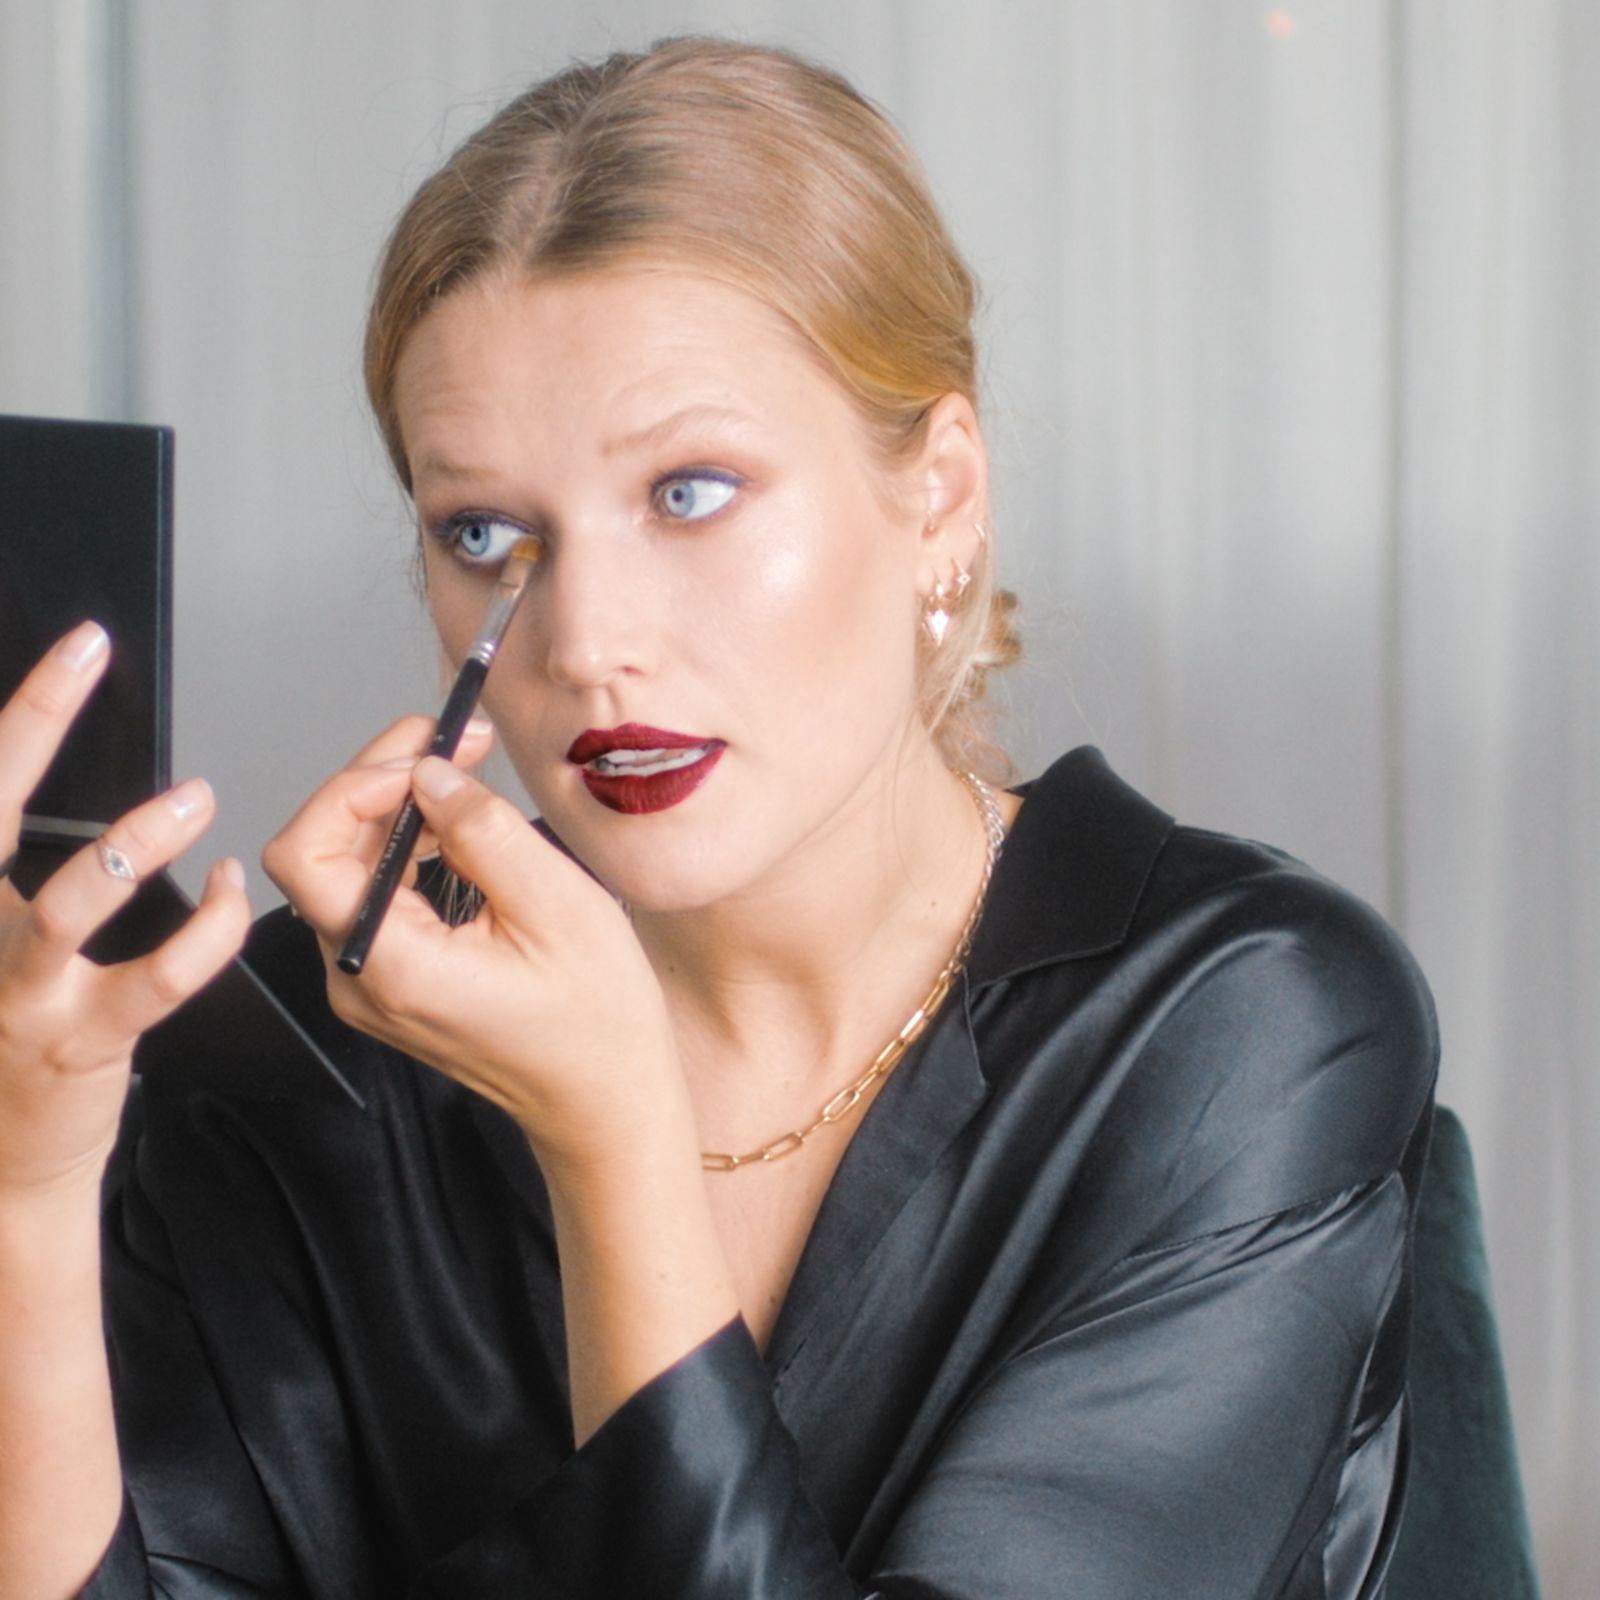 La modelo Toni Garrn nos muestra su 'look' de maquillaje para la  alfombra roja definitivo